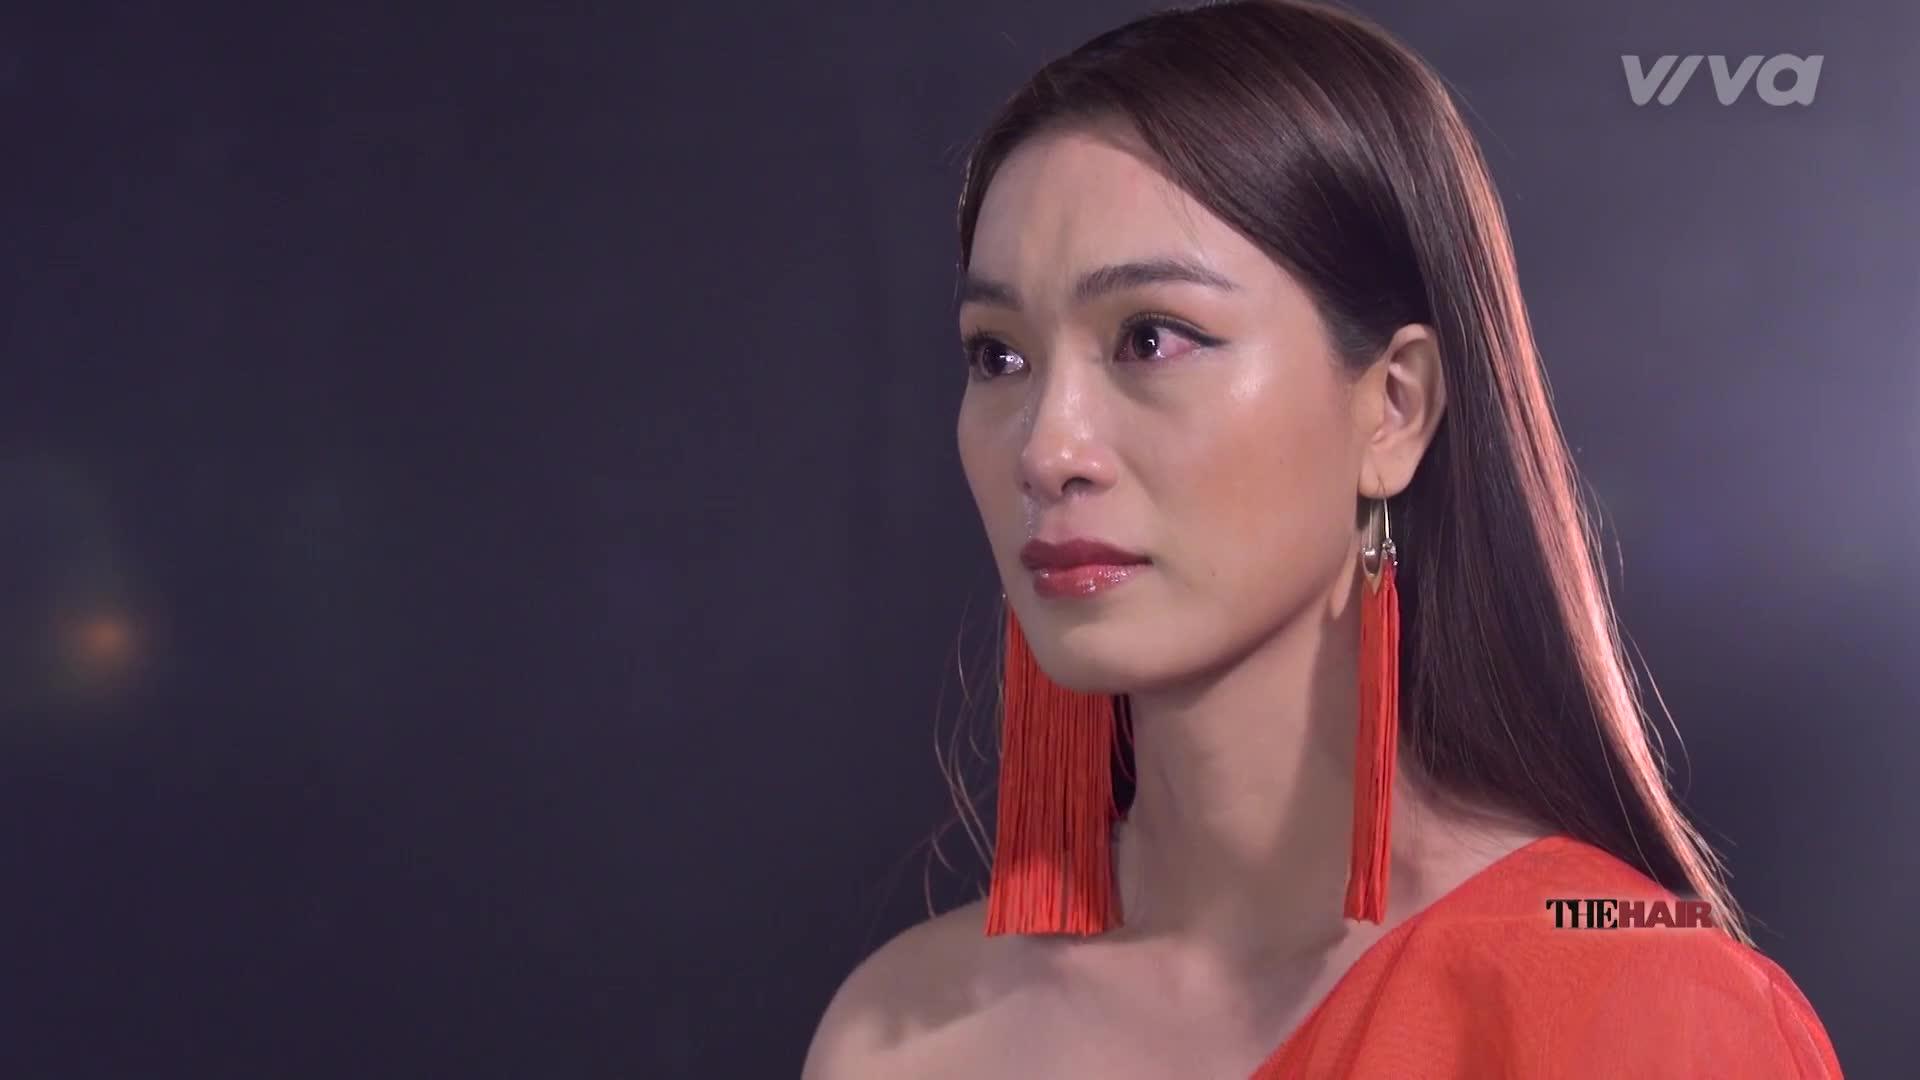 The Look: Ngay tập 2, Kỳ Duyên thẳng tay loại thí sinh át chủ bài của đội Minh Tú